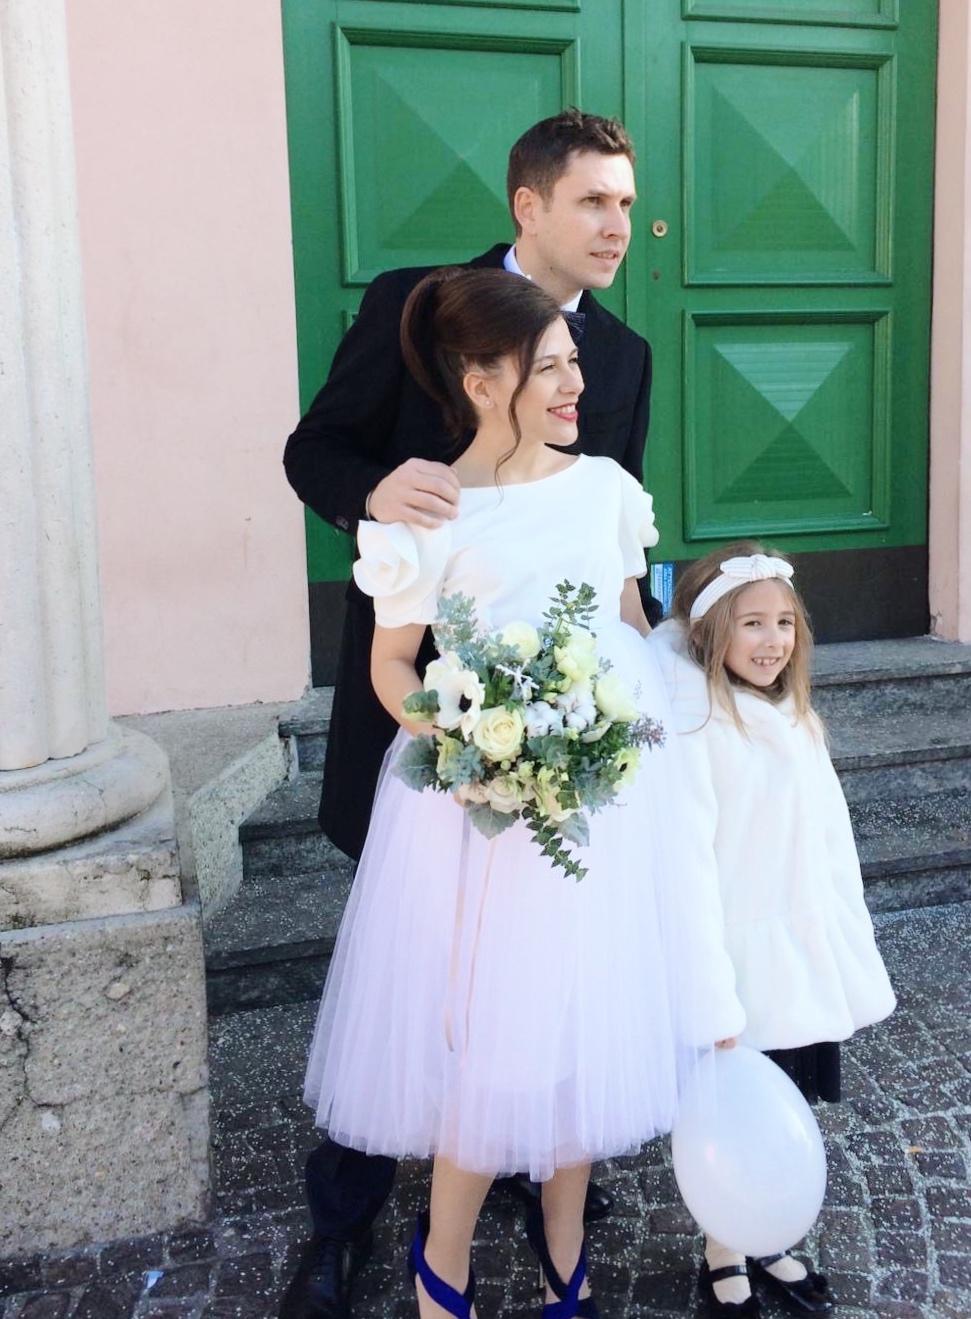 matrimonio inverno bouquet